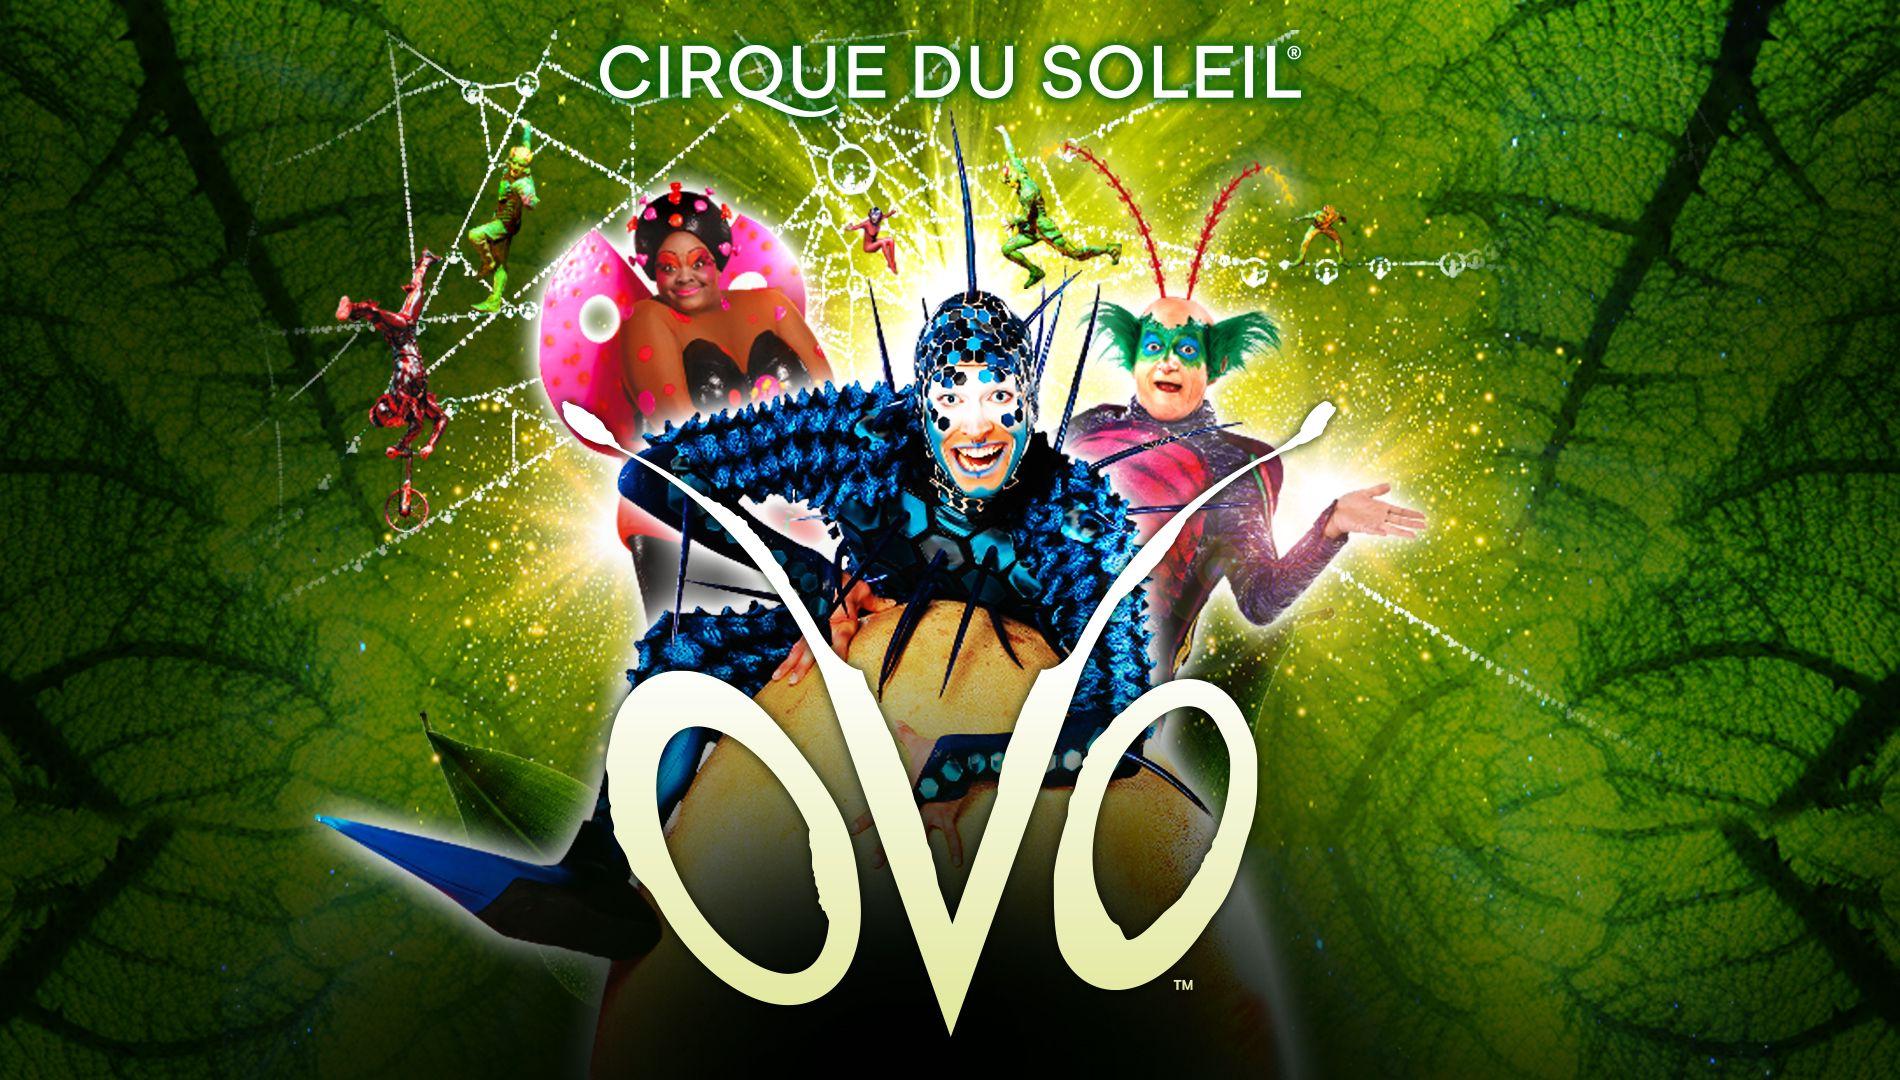 Шоу OVO от Сirque du Soleil фото 1